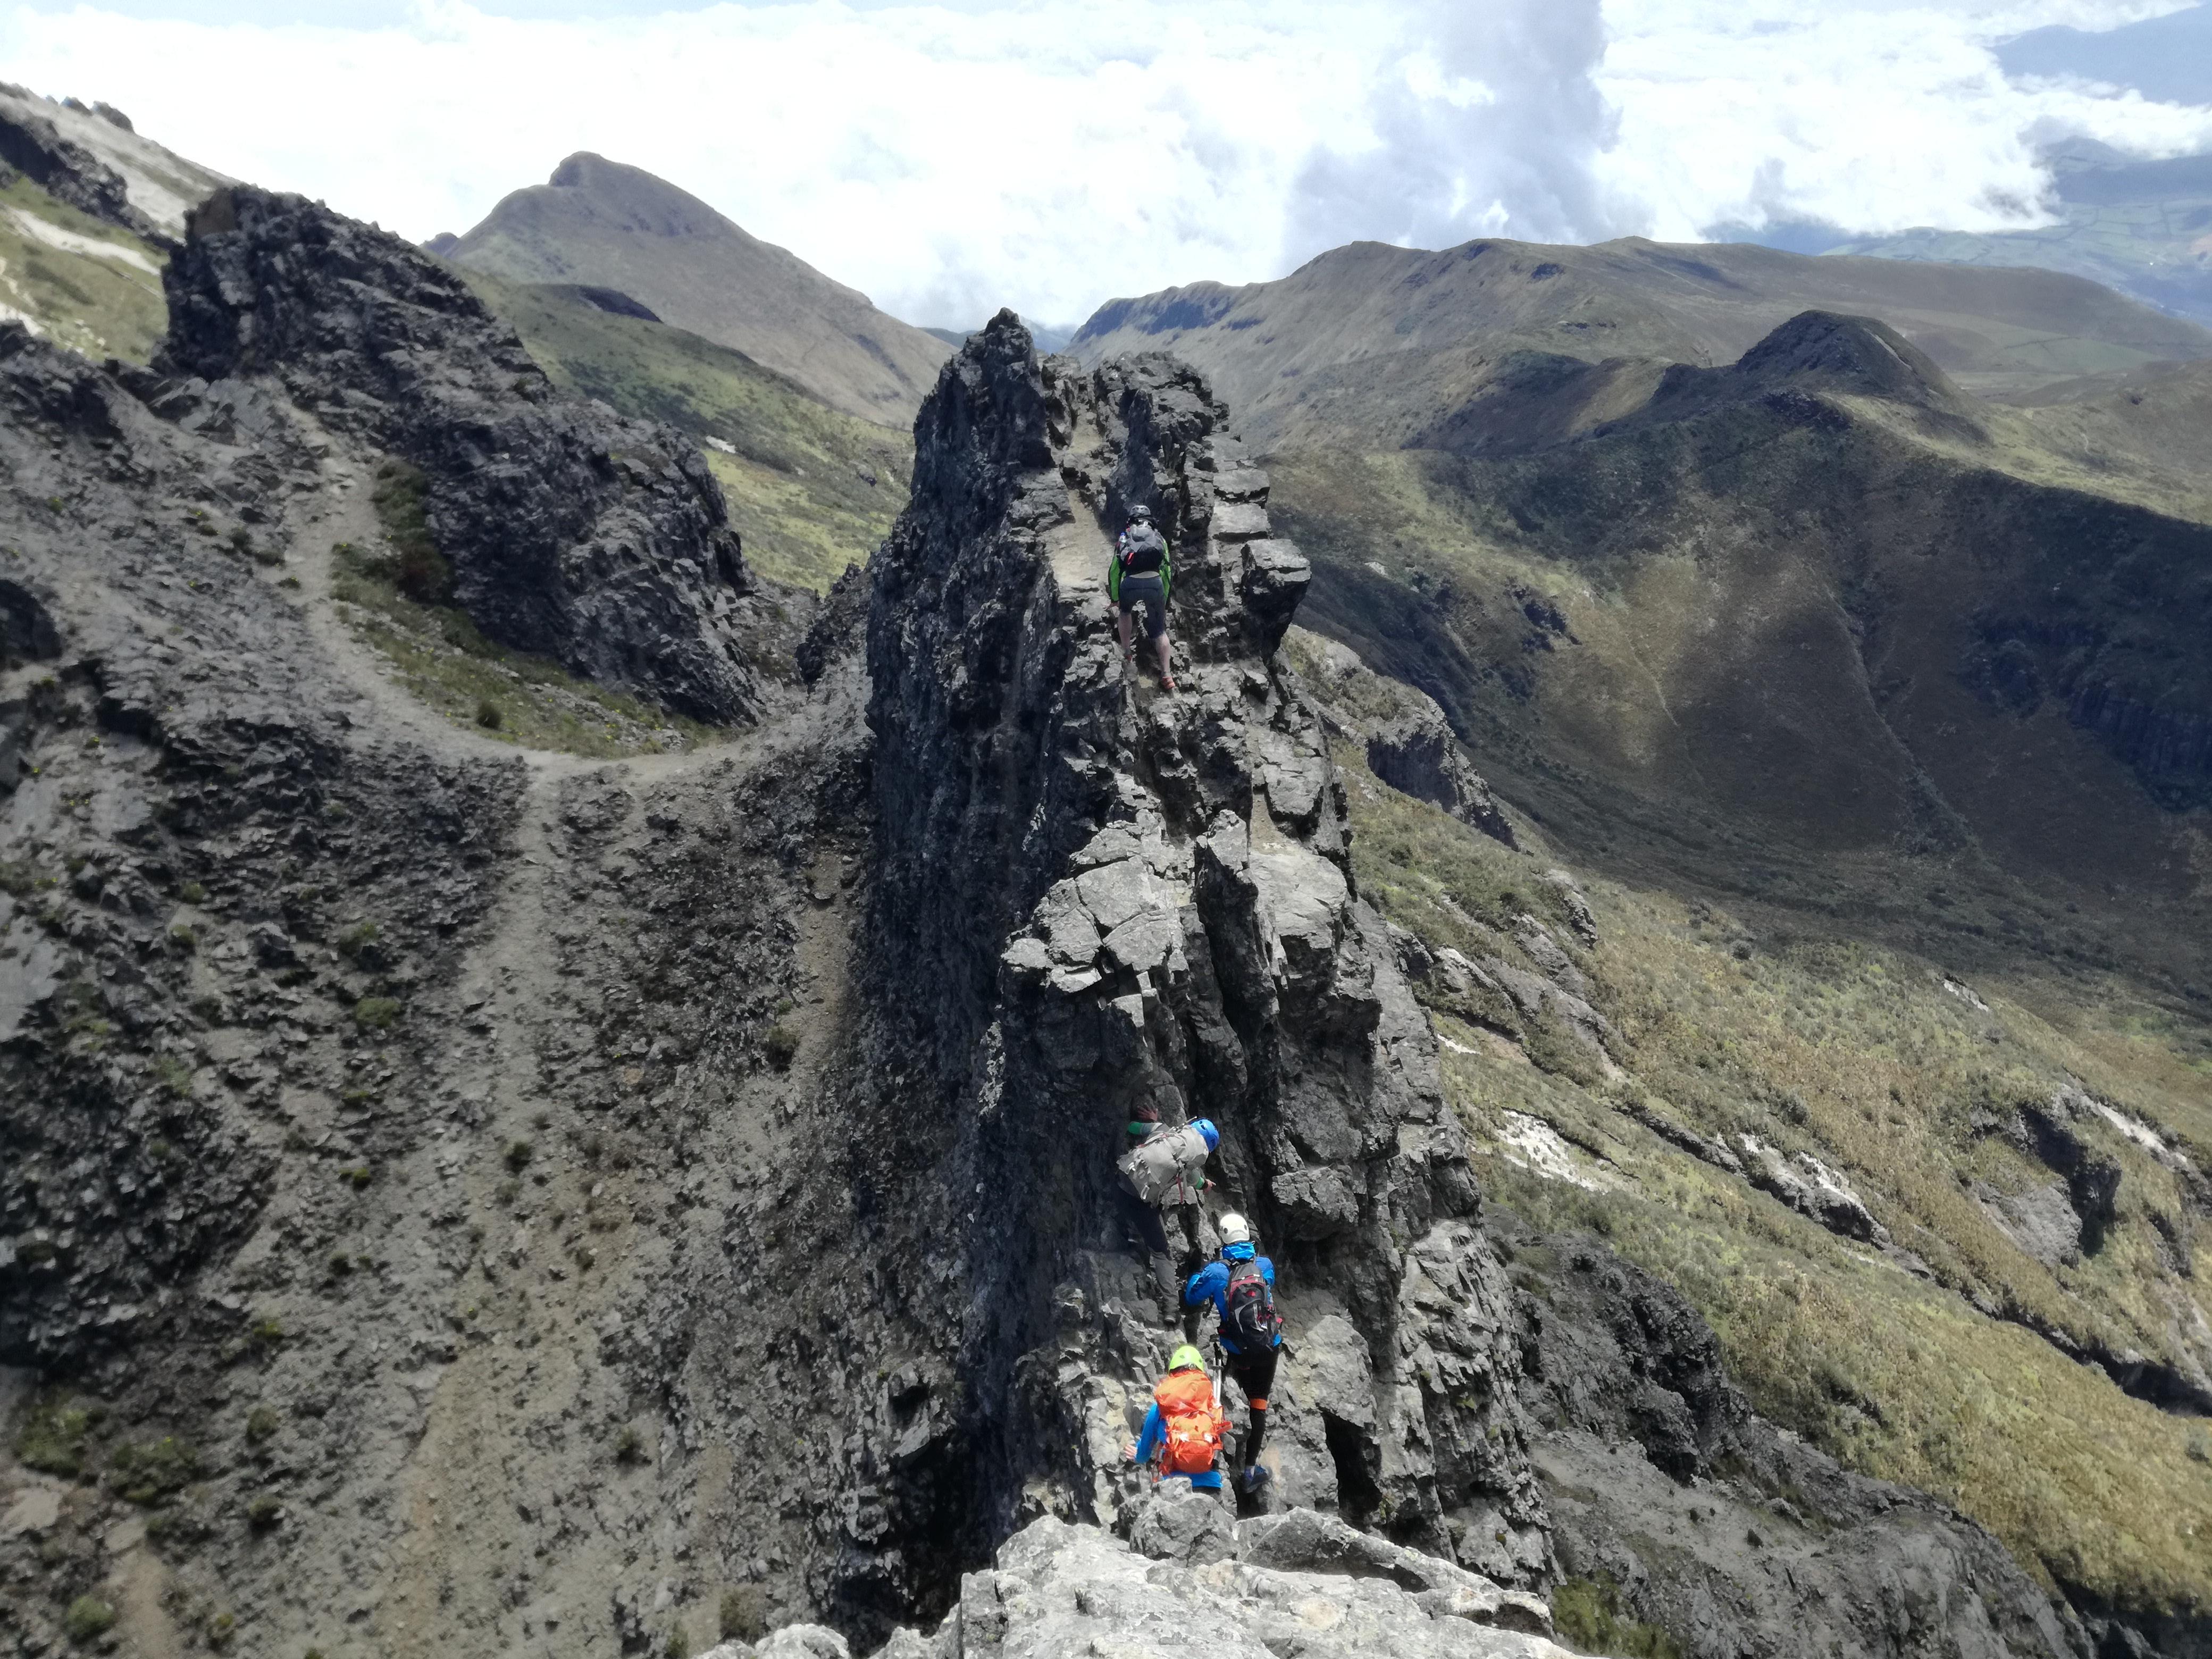 Seguimos aclimatando. Arista al Ruco Pichincha 4720 mts.